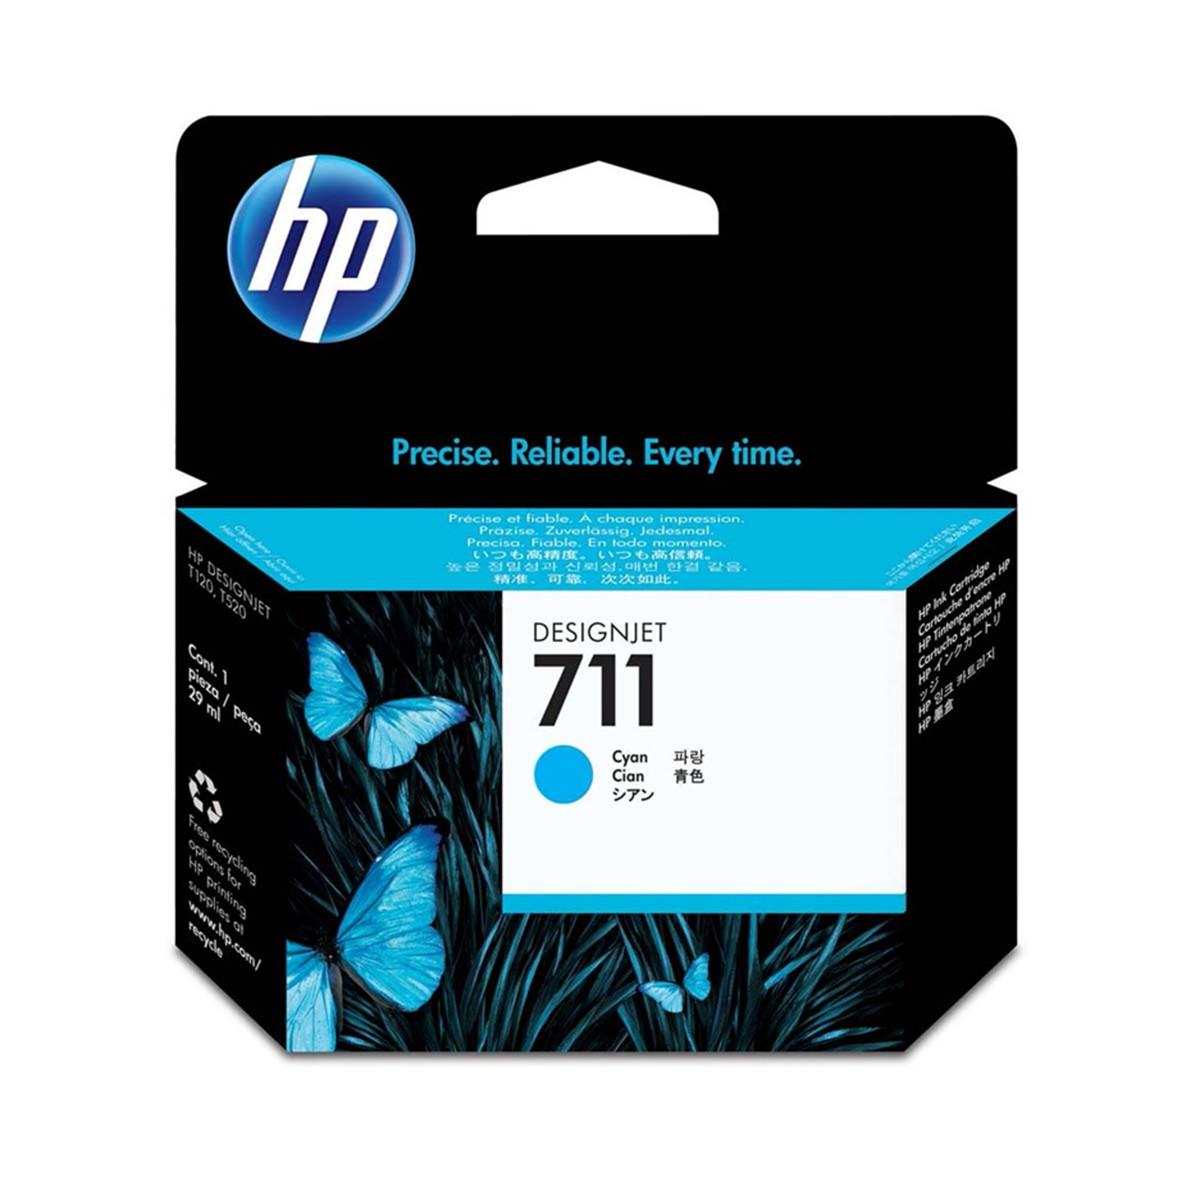 Cartucho de Tinta HP 711 CZ134A Ciano | Pacote com 3 Unidades de 29ml cada | Original